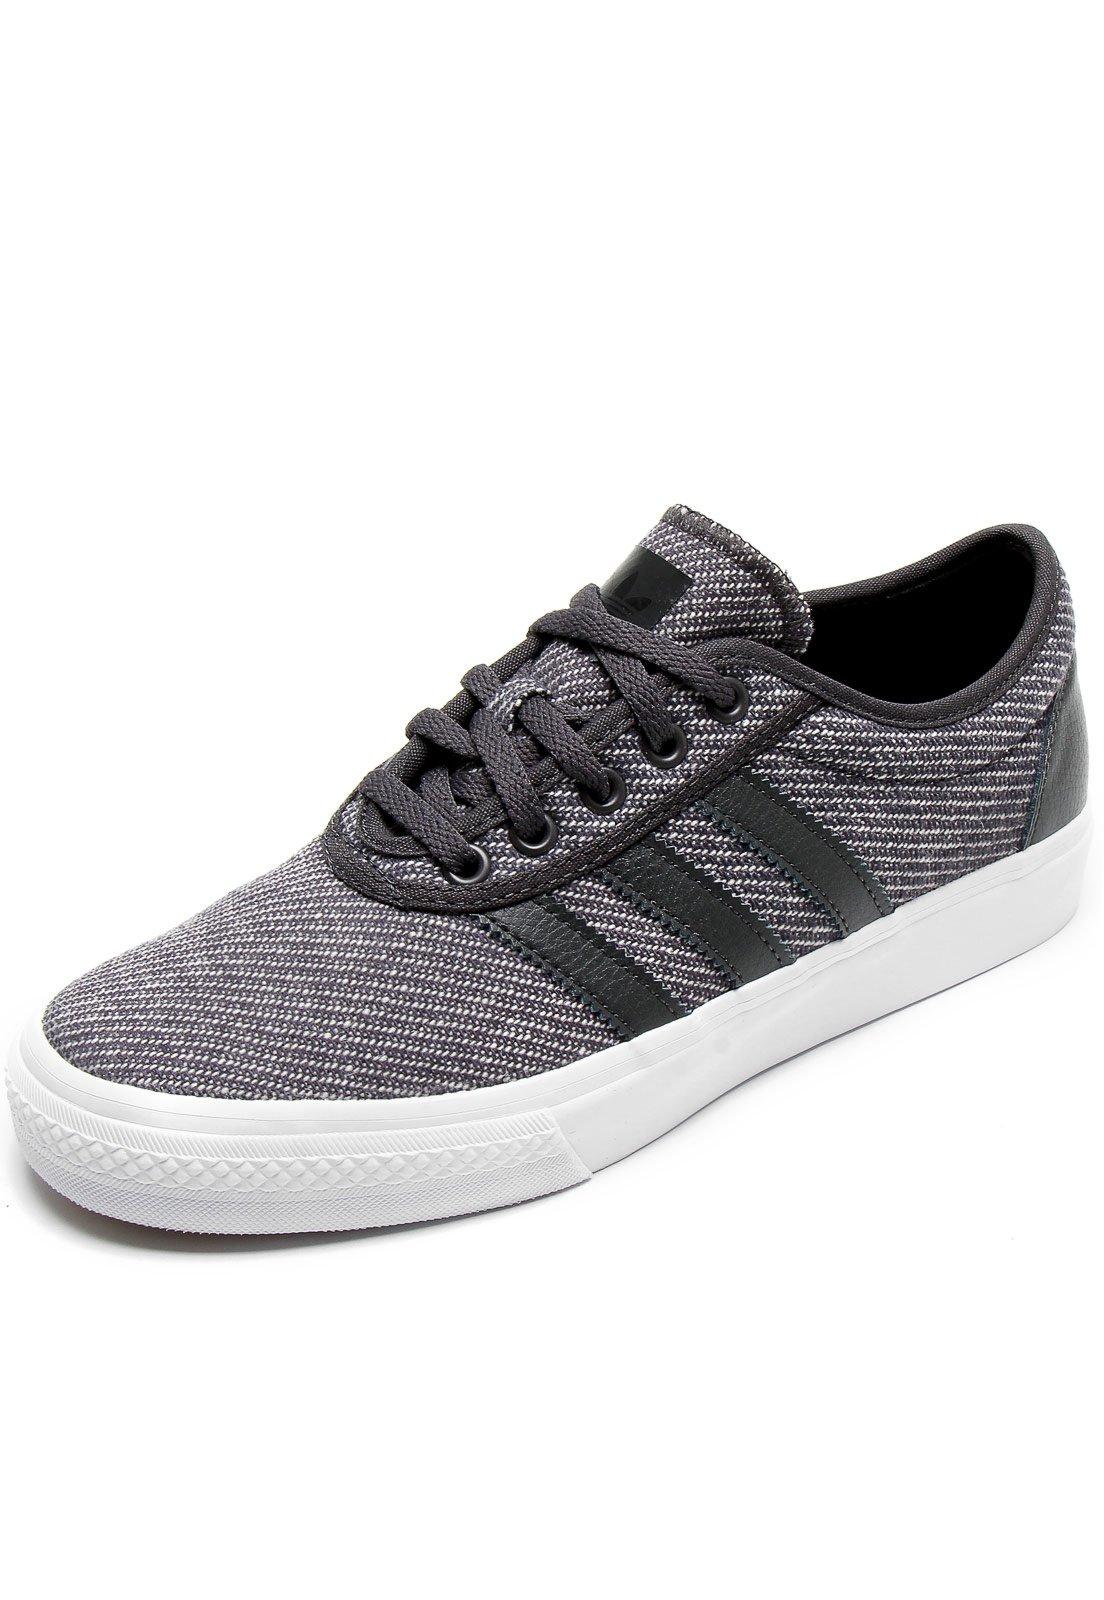 Tenis adidas Skateboarding Adi Ease Cont - Compre Agora  7a38a1e234f2d